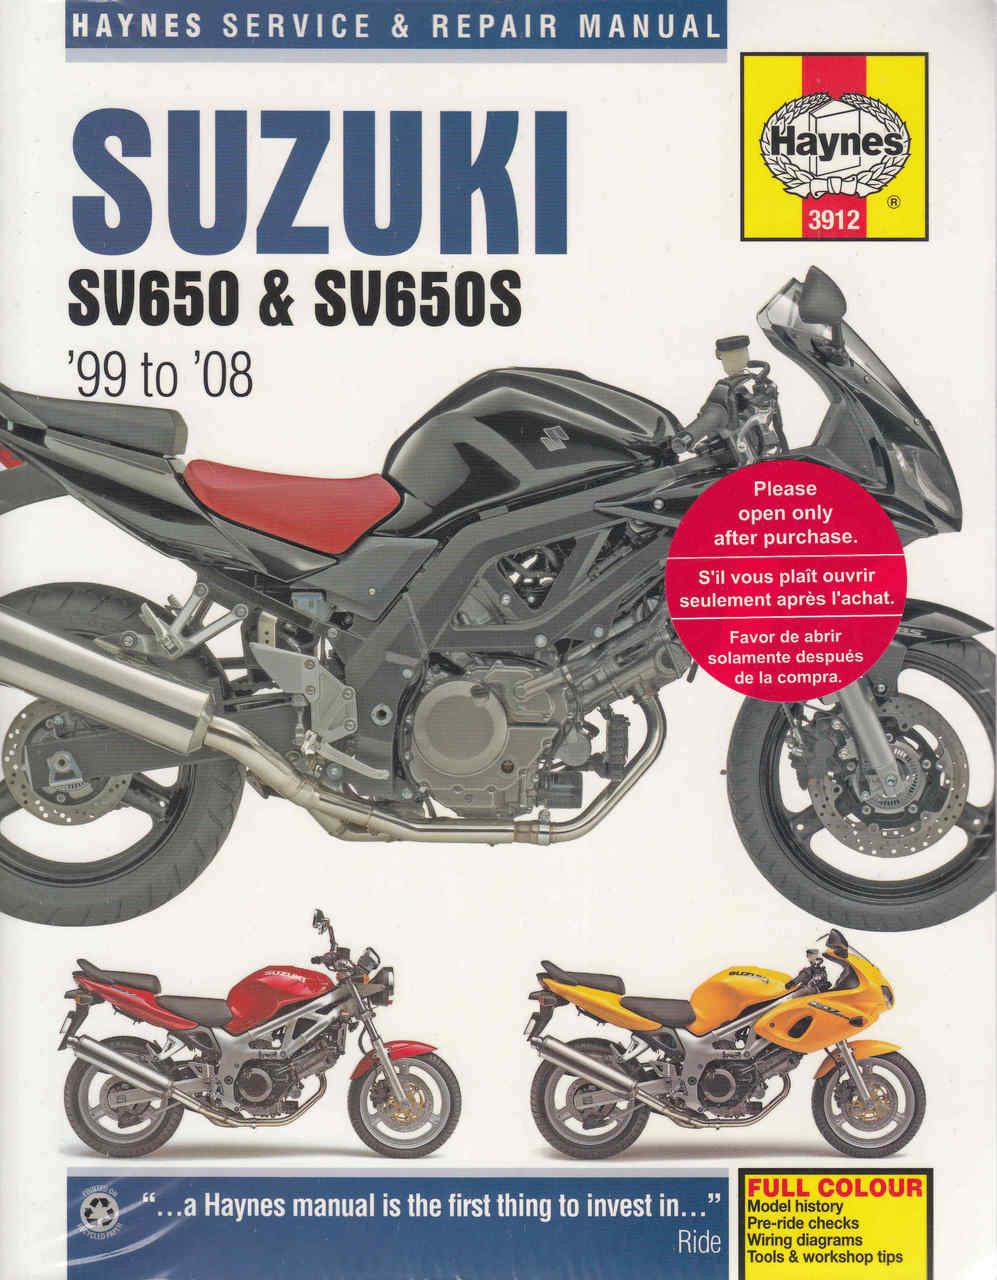 suzuki sv650 sv650s 1999 2008 workshop manual rh automotobookshop com au 2003 suzuki sv650s service manual pdf 2009 Suzuki SV650